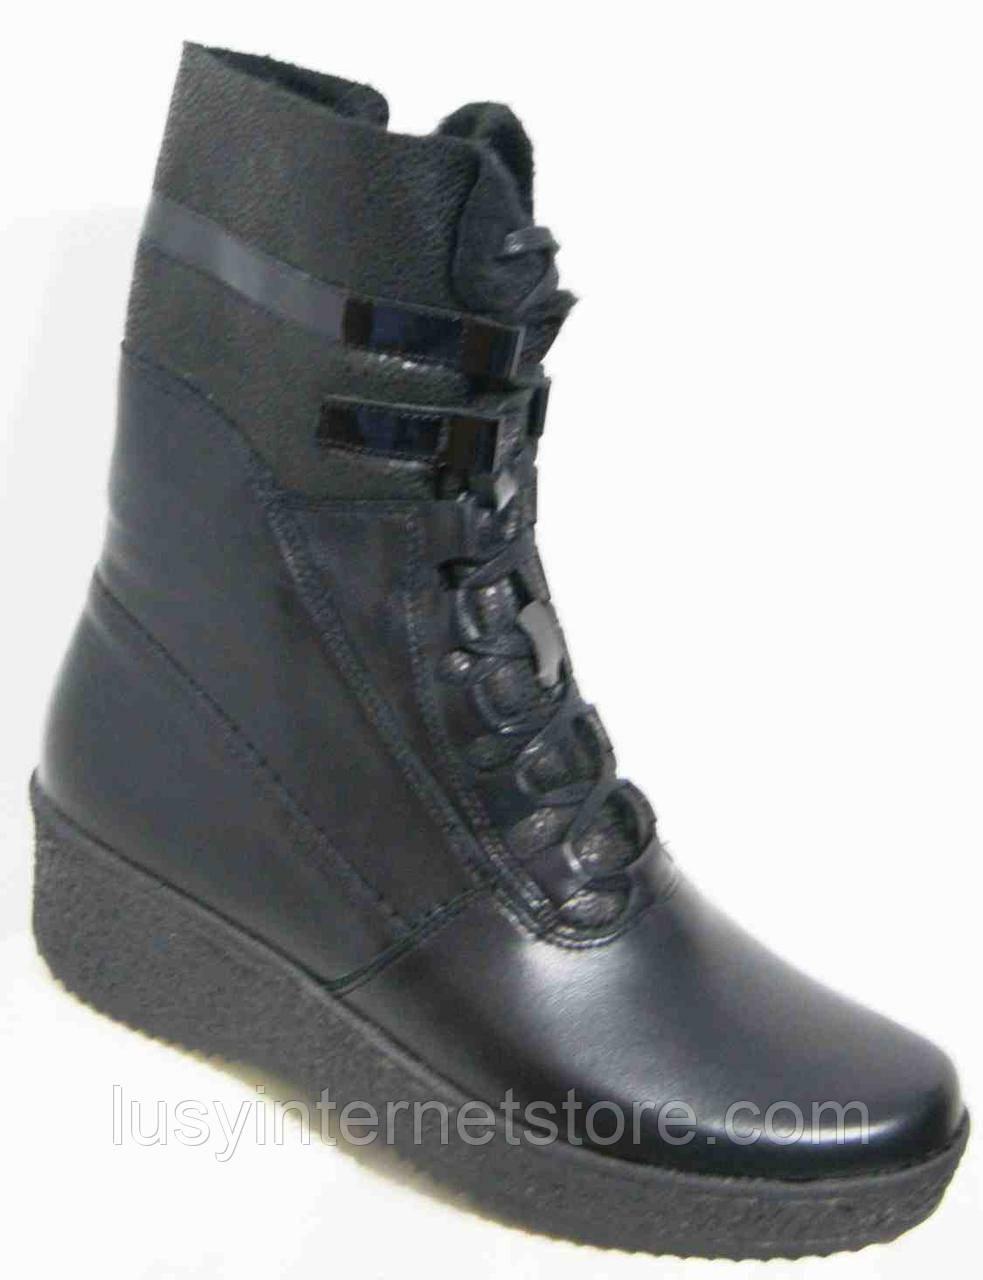 Женские ботинки зимние большого размера, женская обувь больших размеров от производителя модель МИ06013